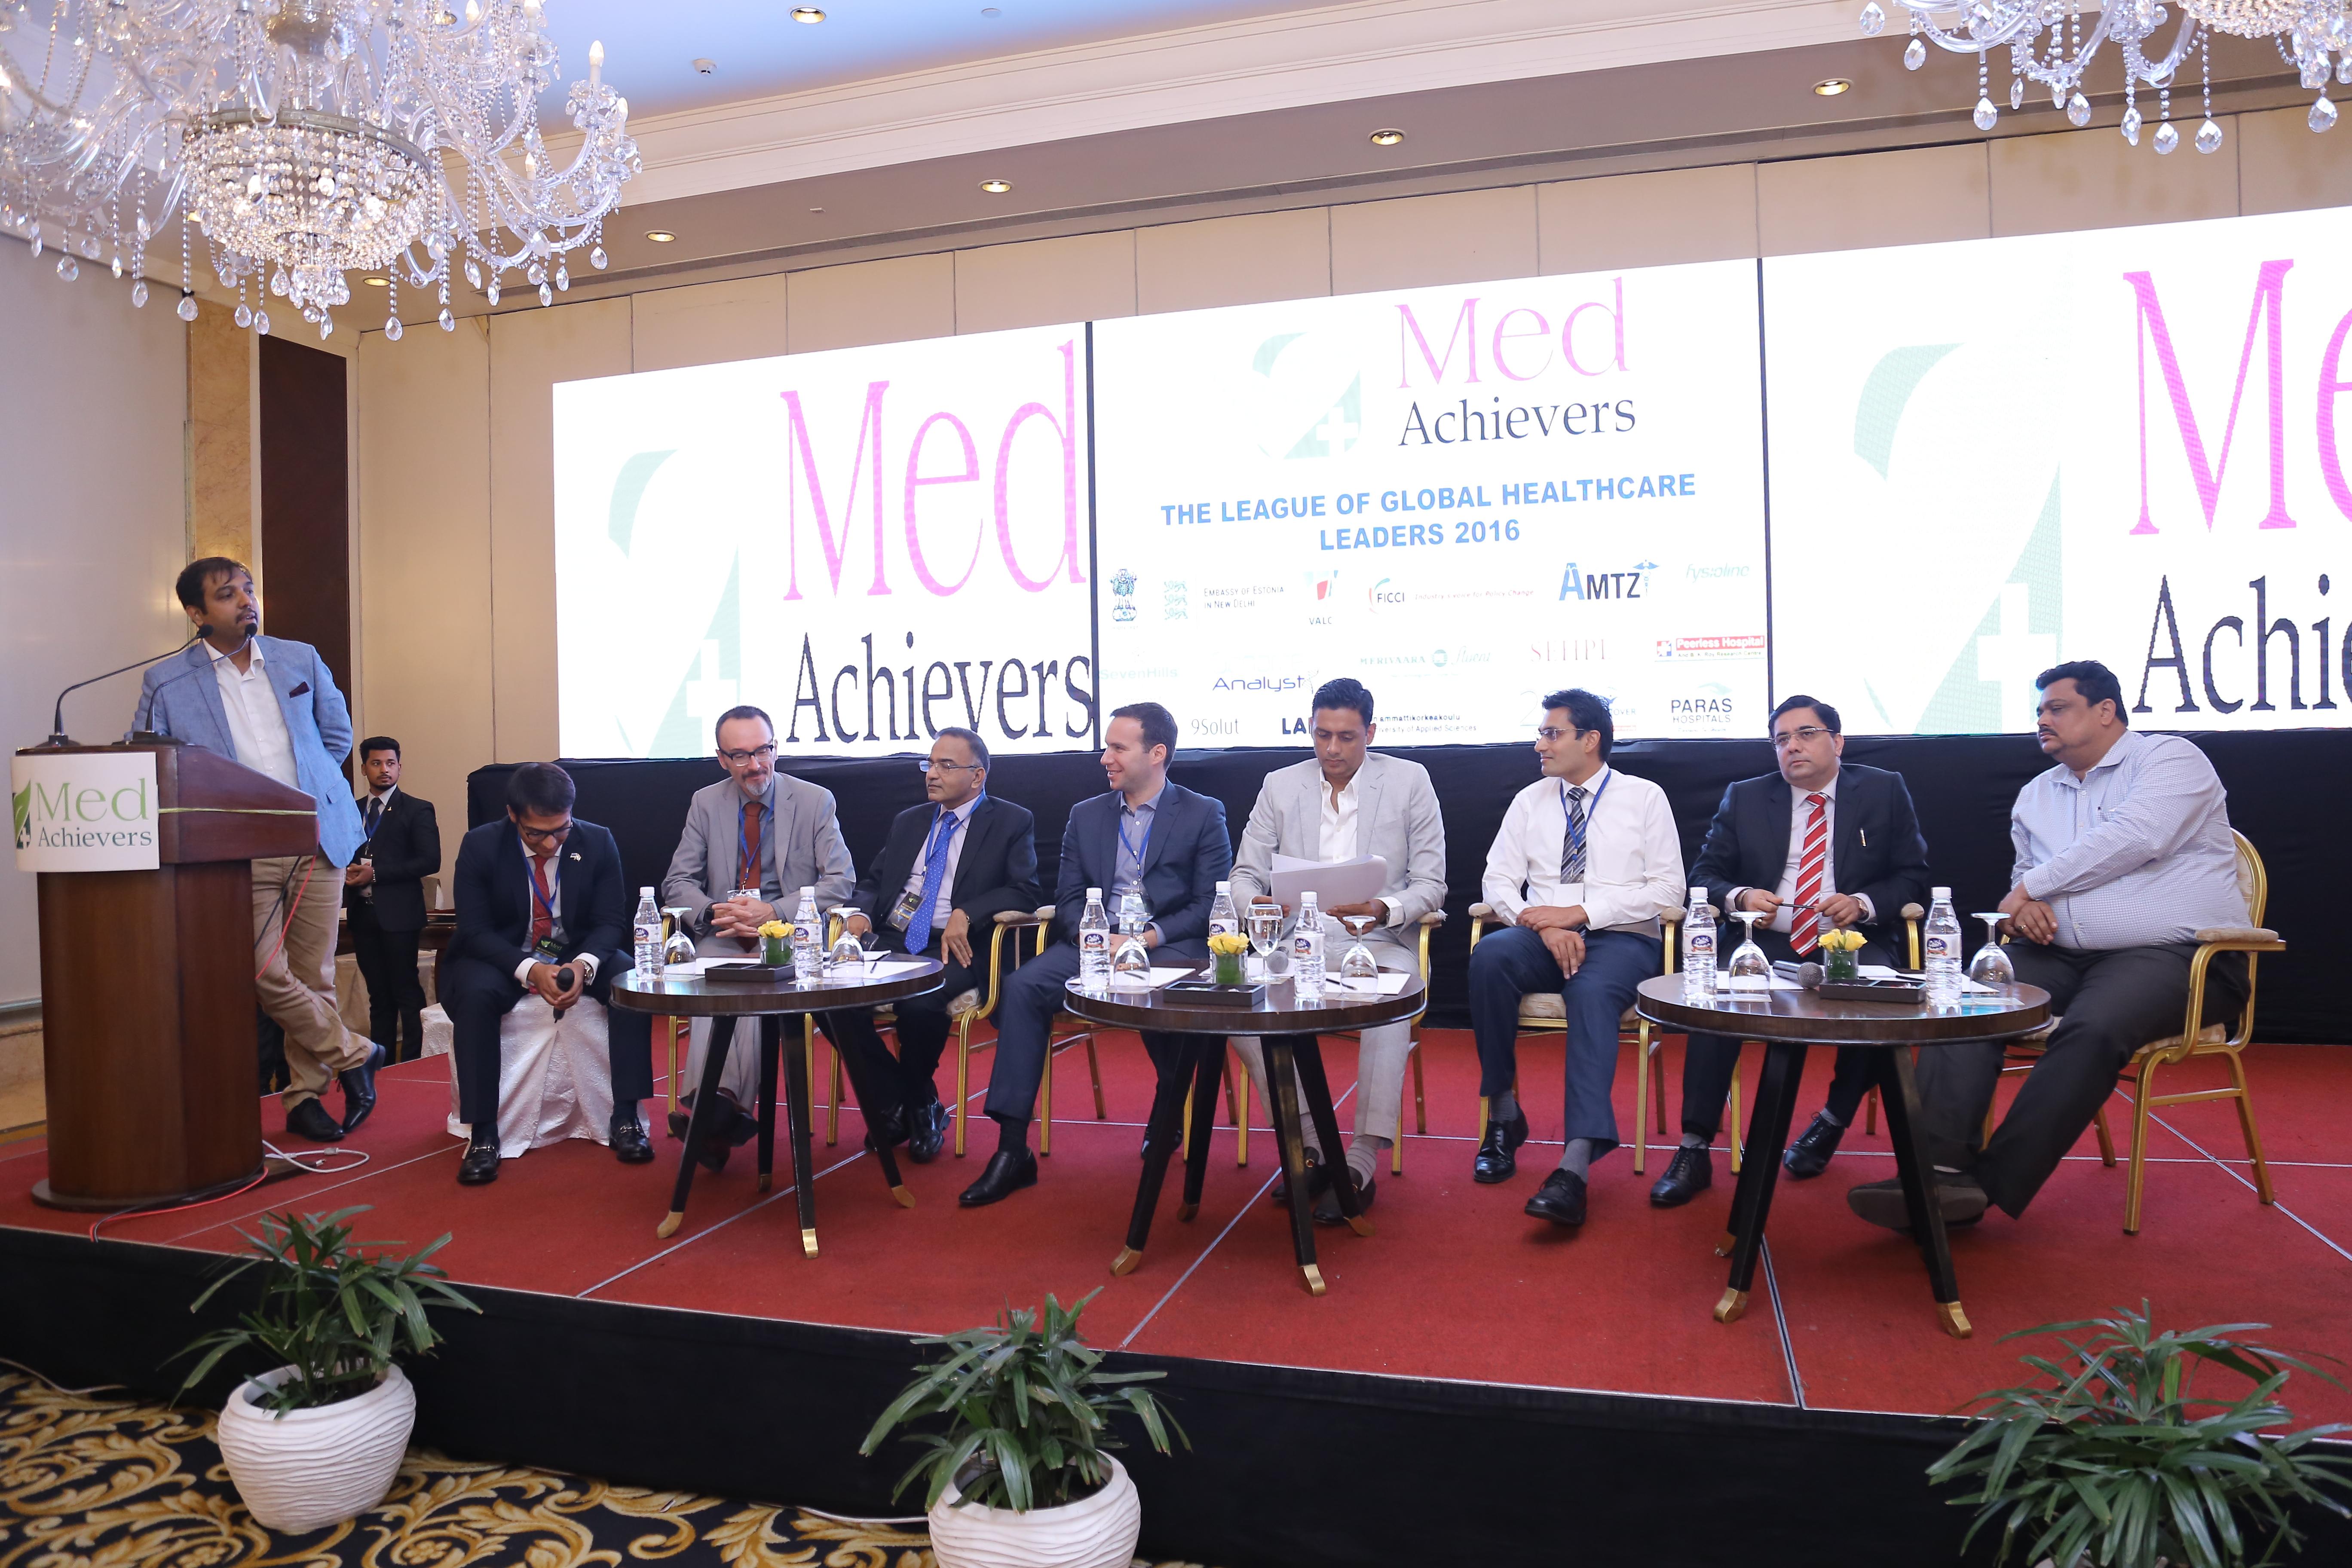 MedAchievers global